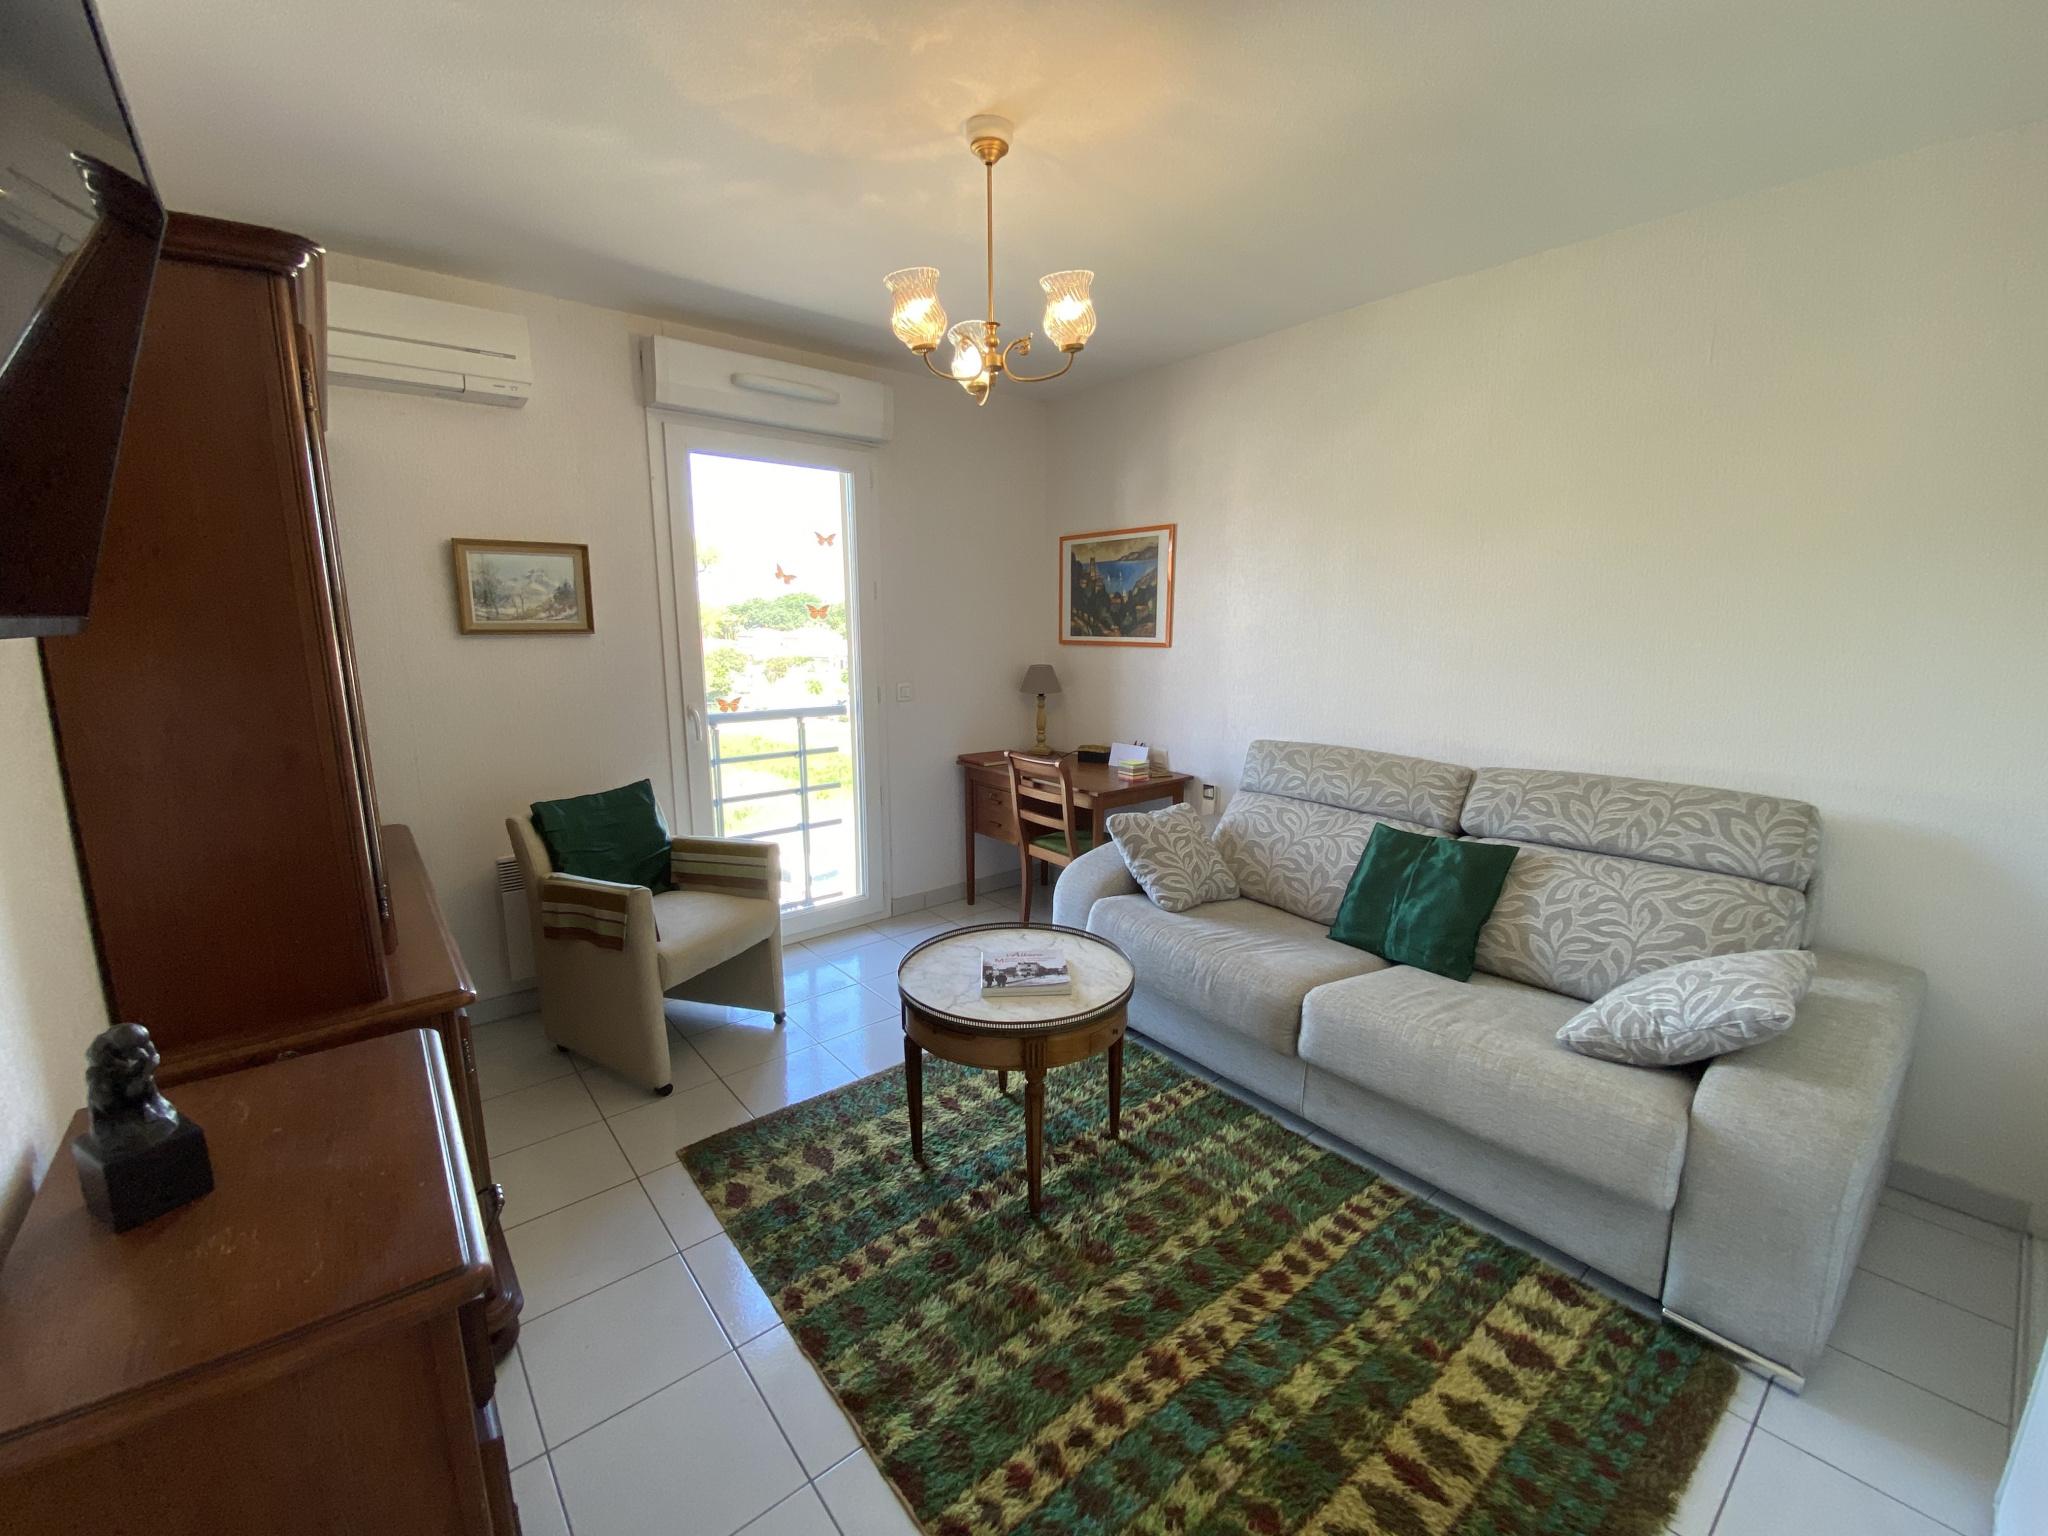 À vendre appartement de 80m2 à argeles sur mer (66700) - Photo 6'